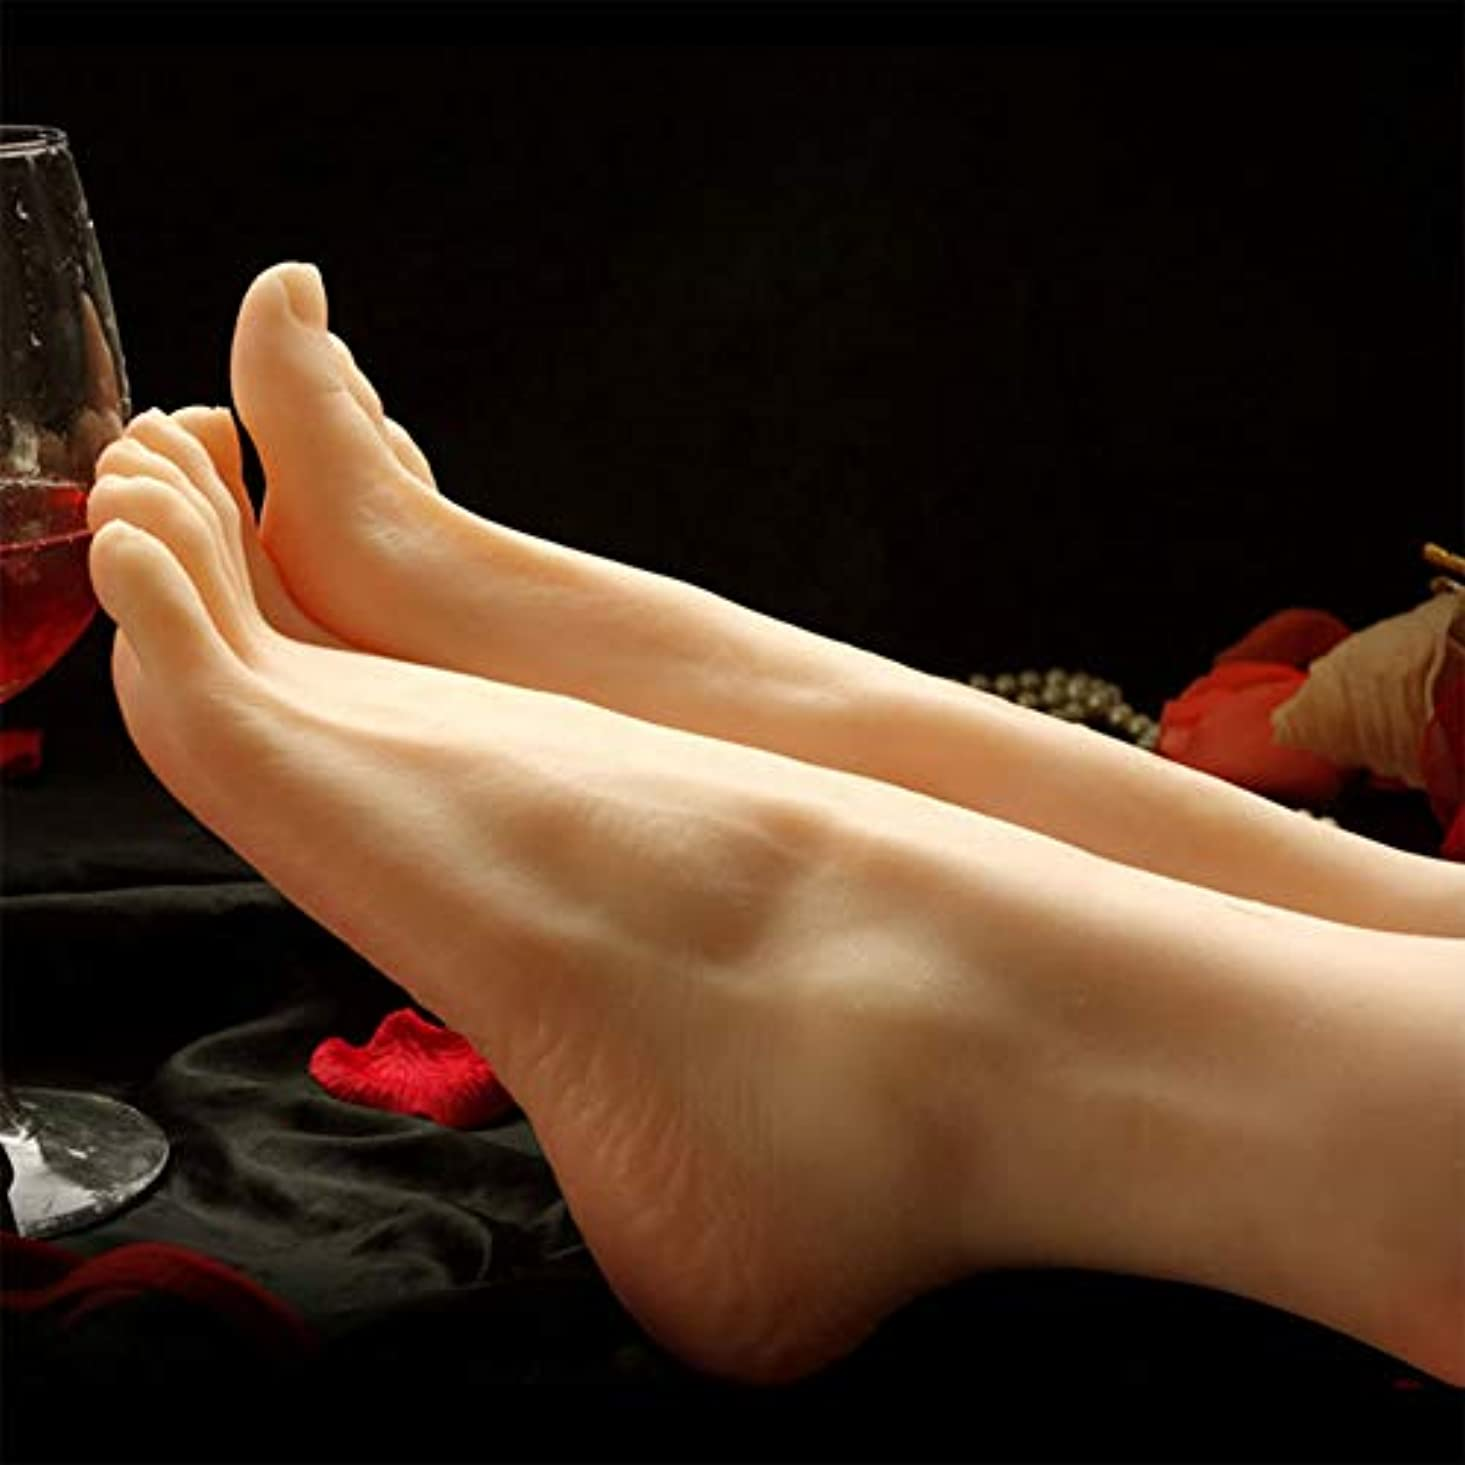 数値自体国民骨ディスプレイジュエリーサンダル靴ソックスと1ペアシリコーンライフサイズ女性マネキンフットネイルアートでスケッチを表示